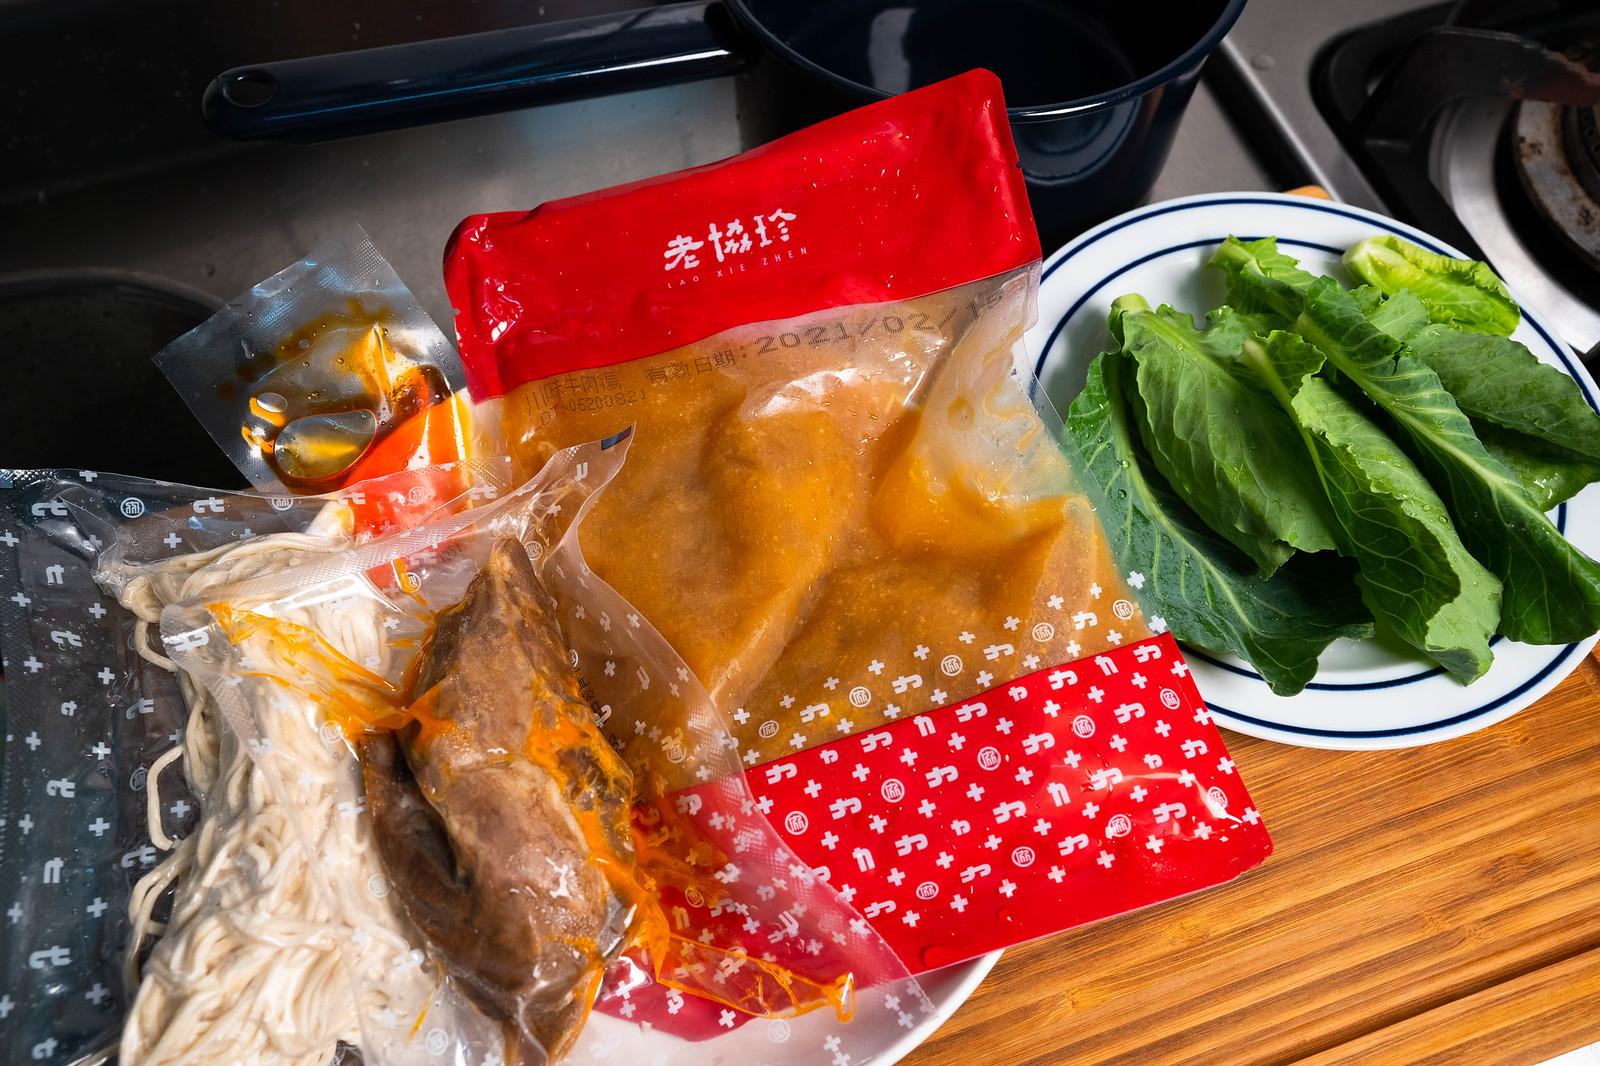 老協珍 川味牛肉麵 煮面食材